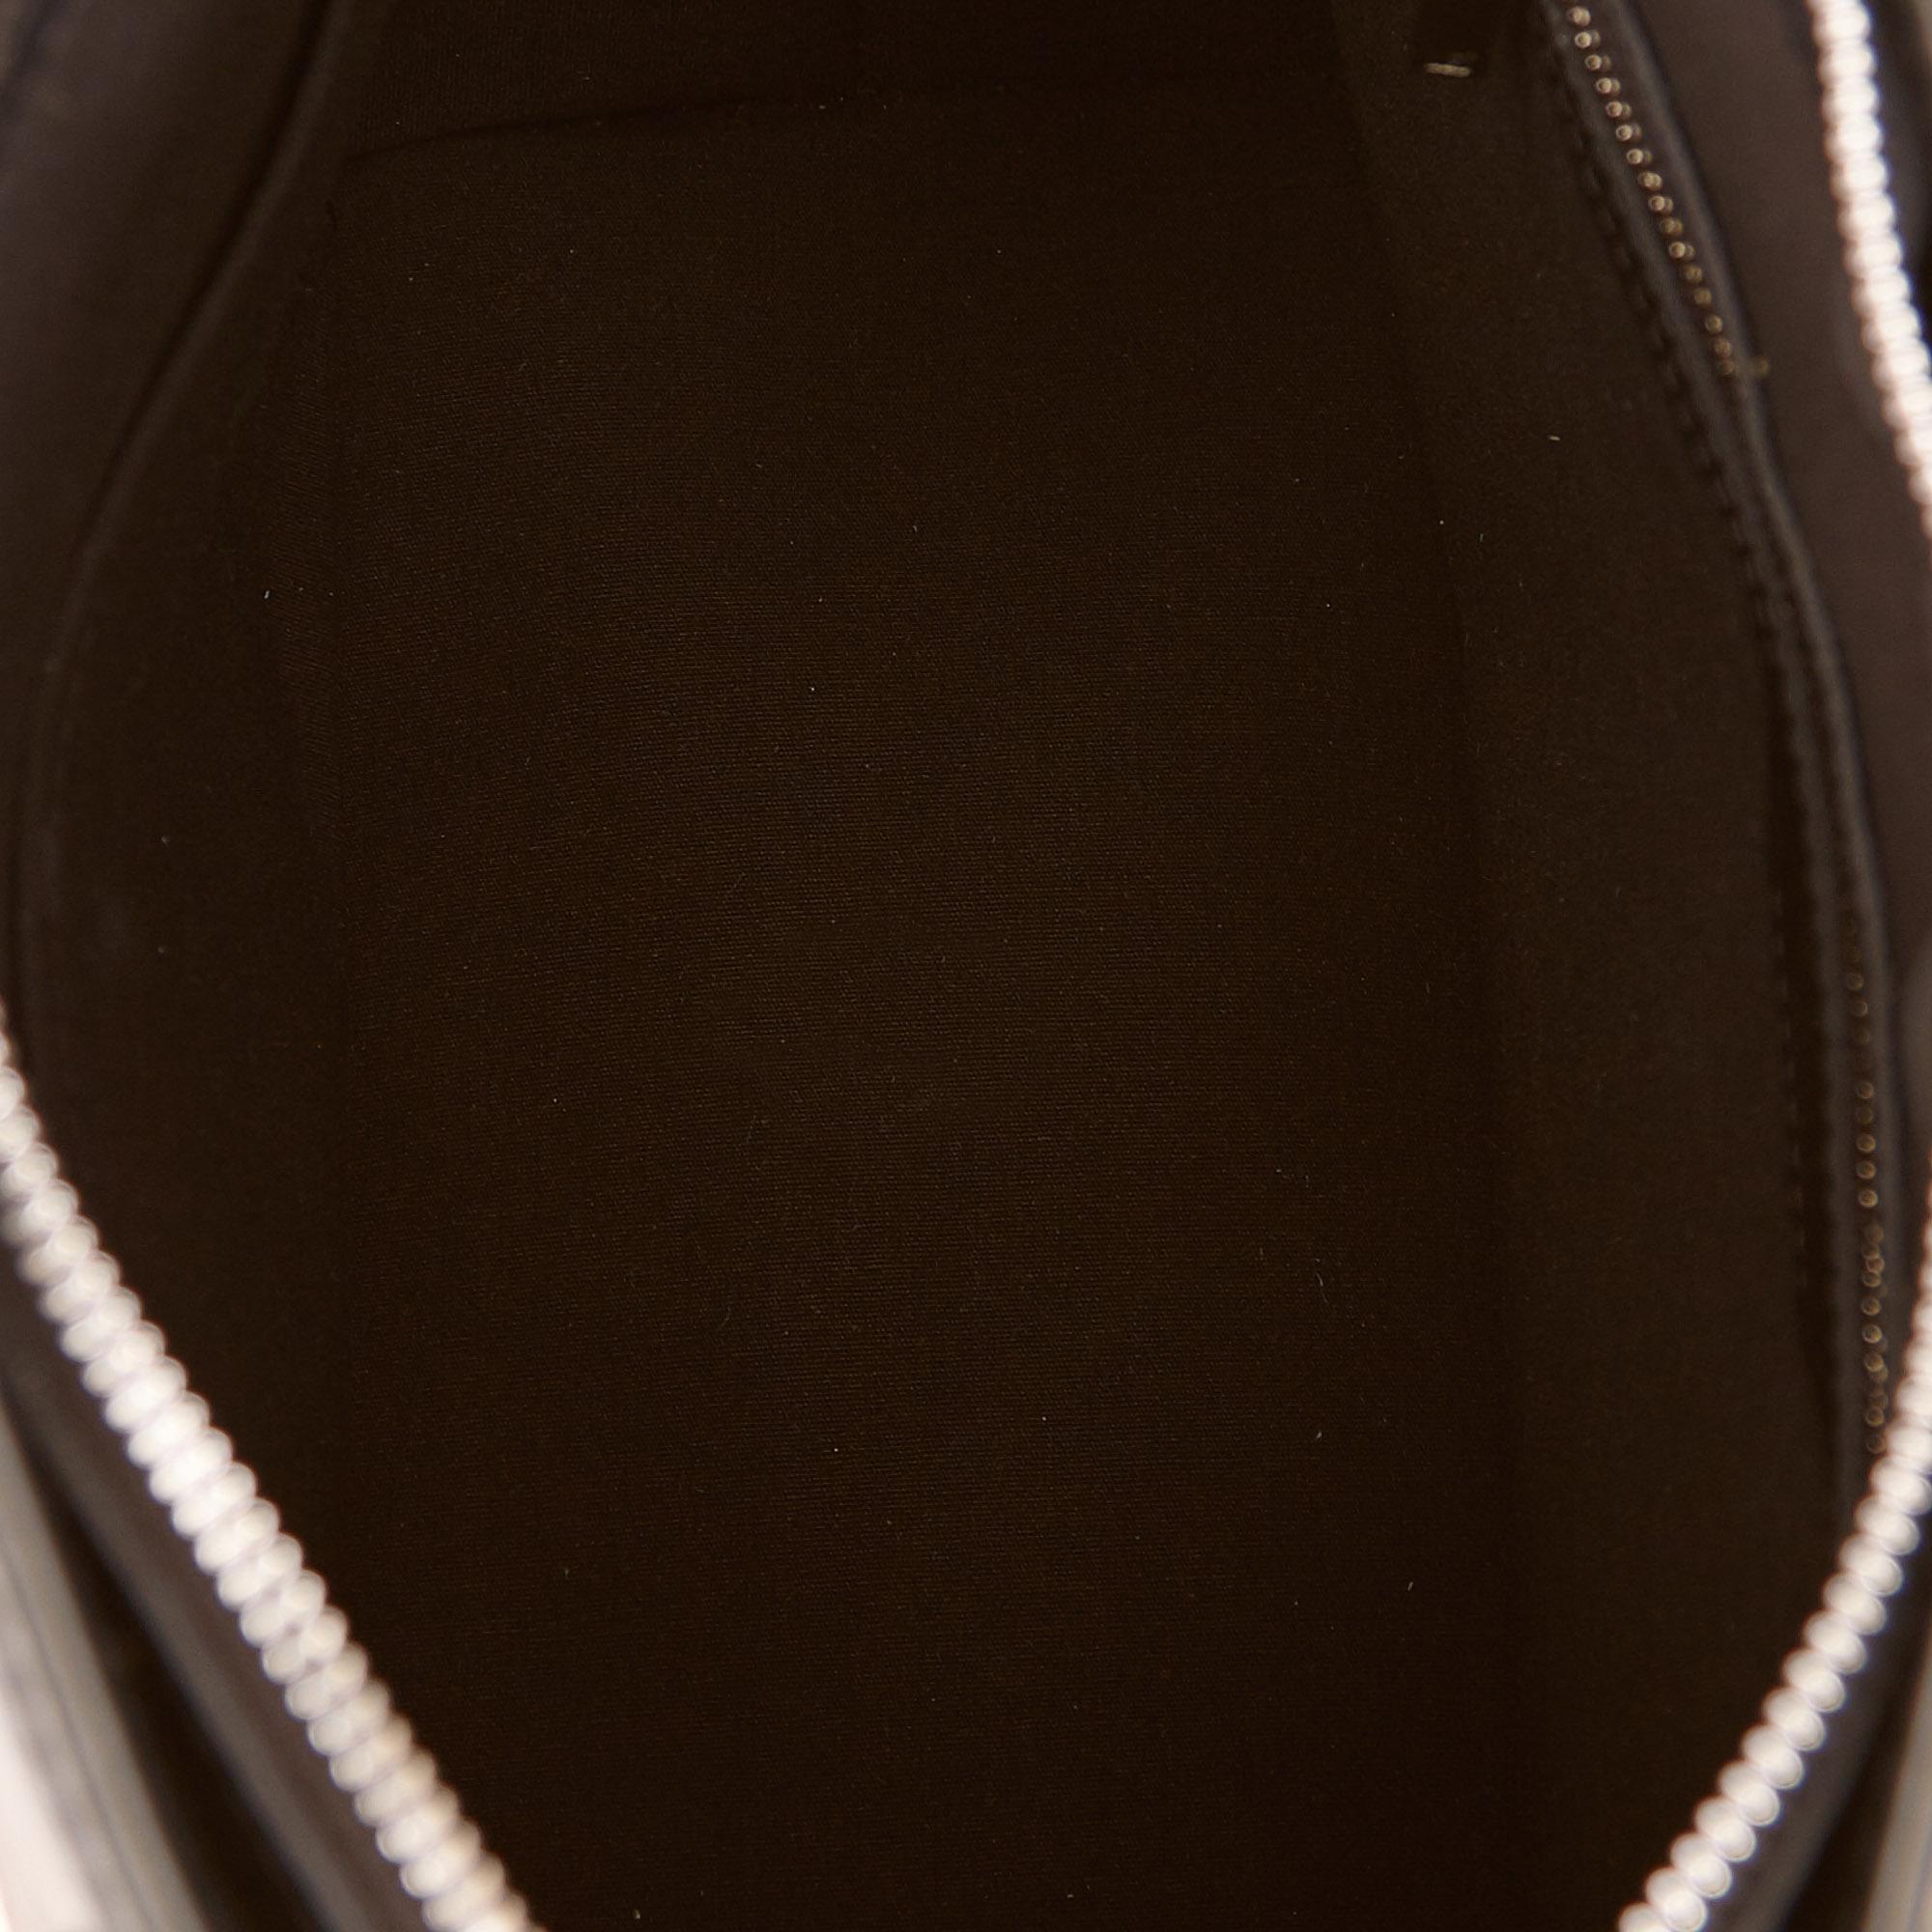 Louis Vuitton Silver Monogram Mat Stockton Tote